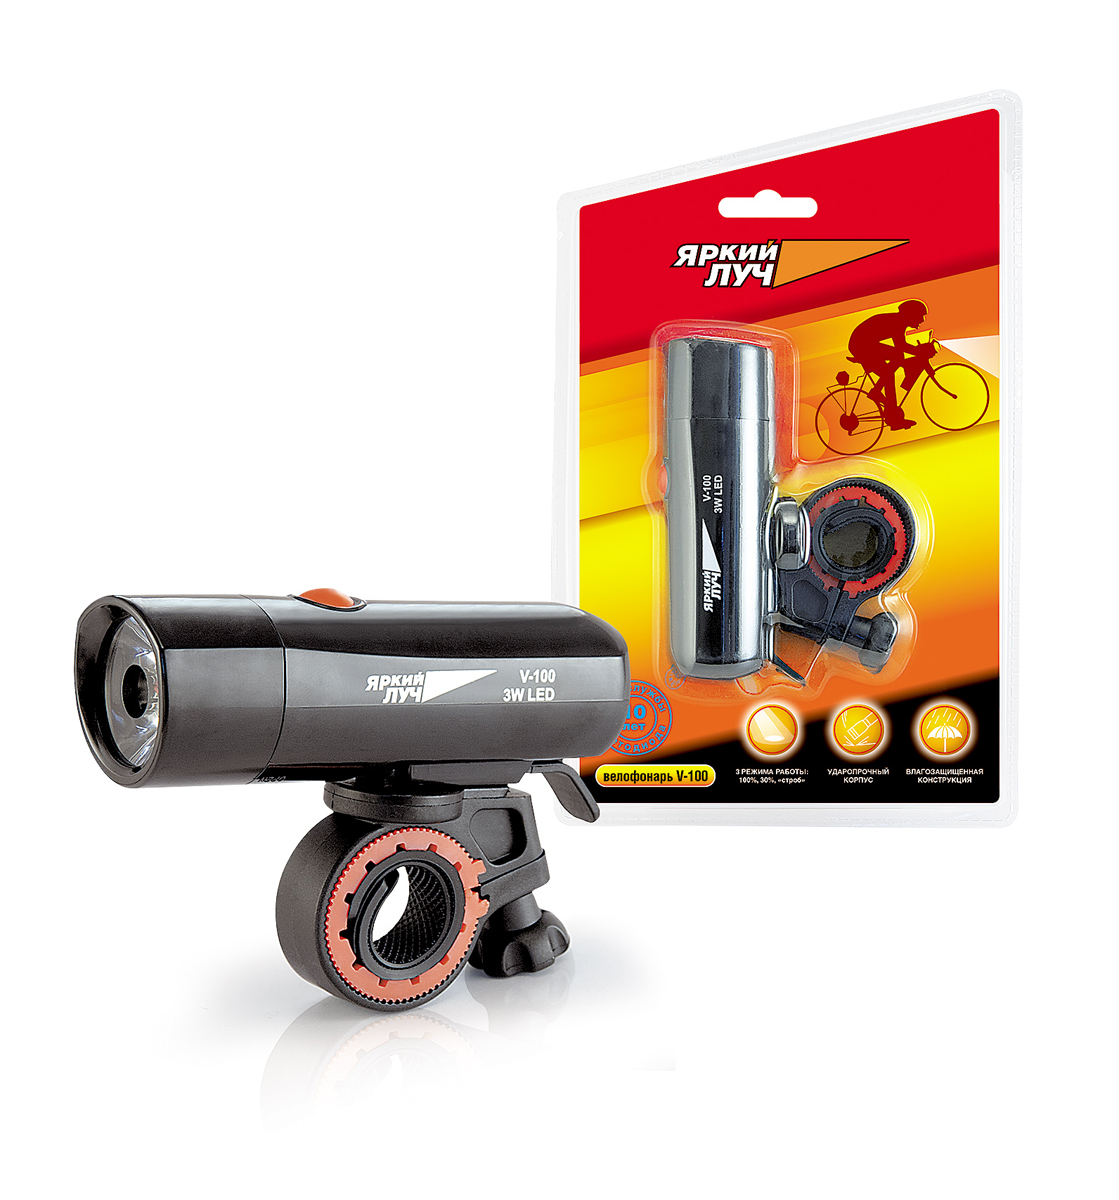 Фонарь велосипедный Яркий Луч, цвет: черный эра б0030198 фонарь mb 505 купер 1х3 вт светодиод коллиматорная линза 6 град алюминий ремешок для запястья черный цвет 3хааа в комплект не входят